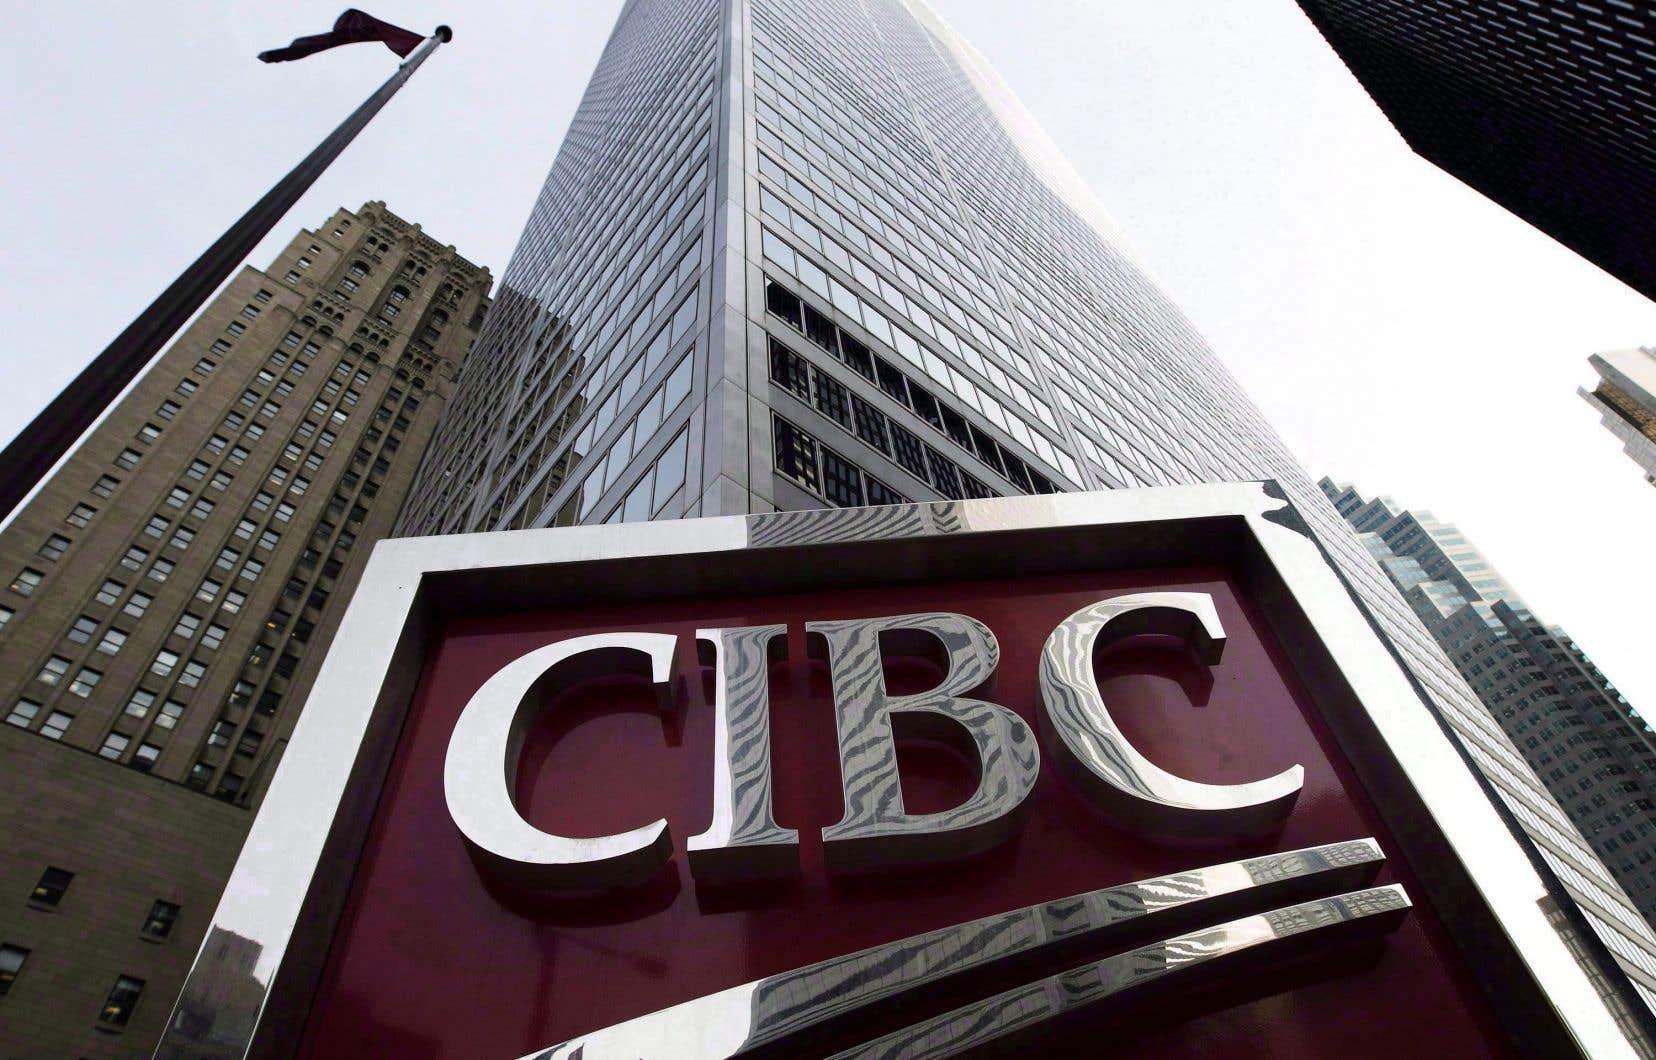 Un rapport de la Banque CIBC souligne que le marché canadien de l'emploi a enregistré une augmentation du salaire moyen en 2017.